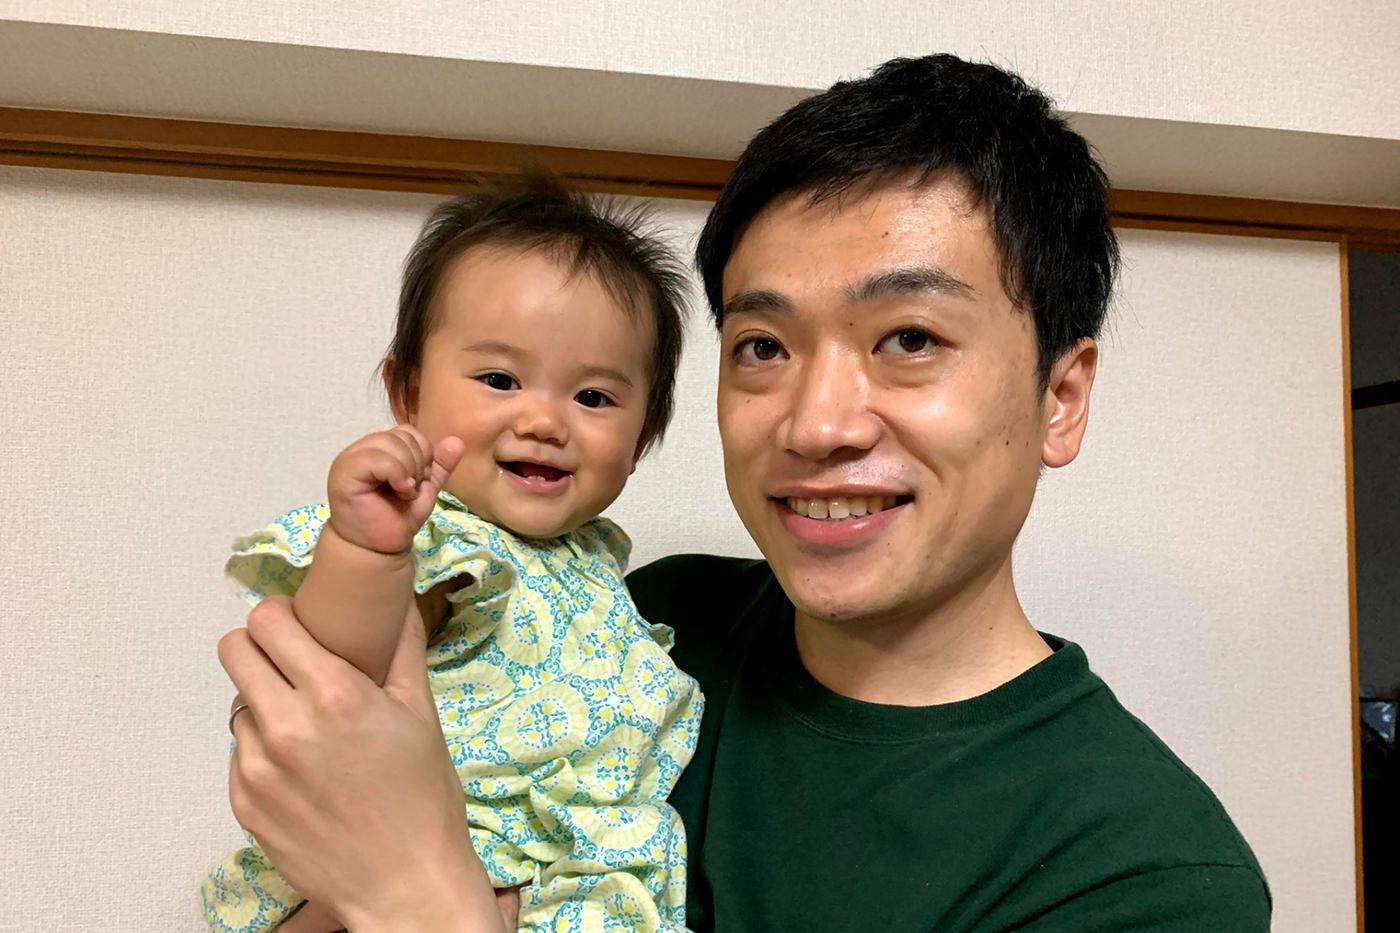 育休を取得した男性社員と赤ちゃんの写真